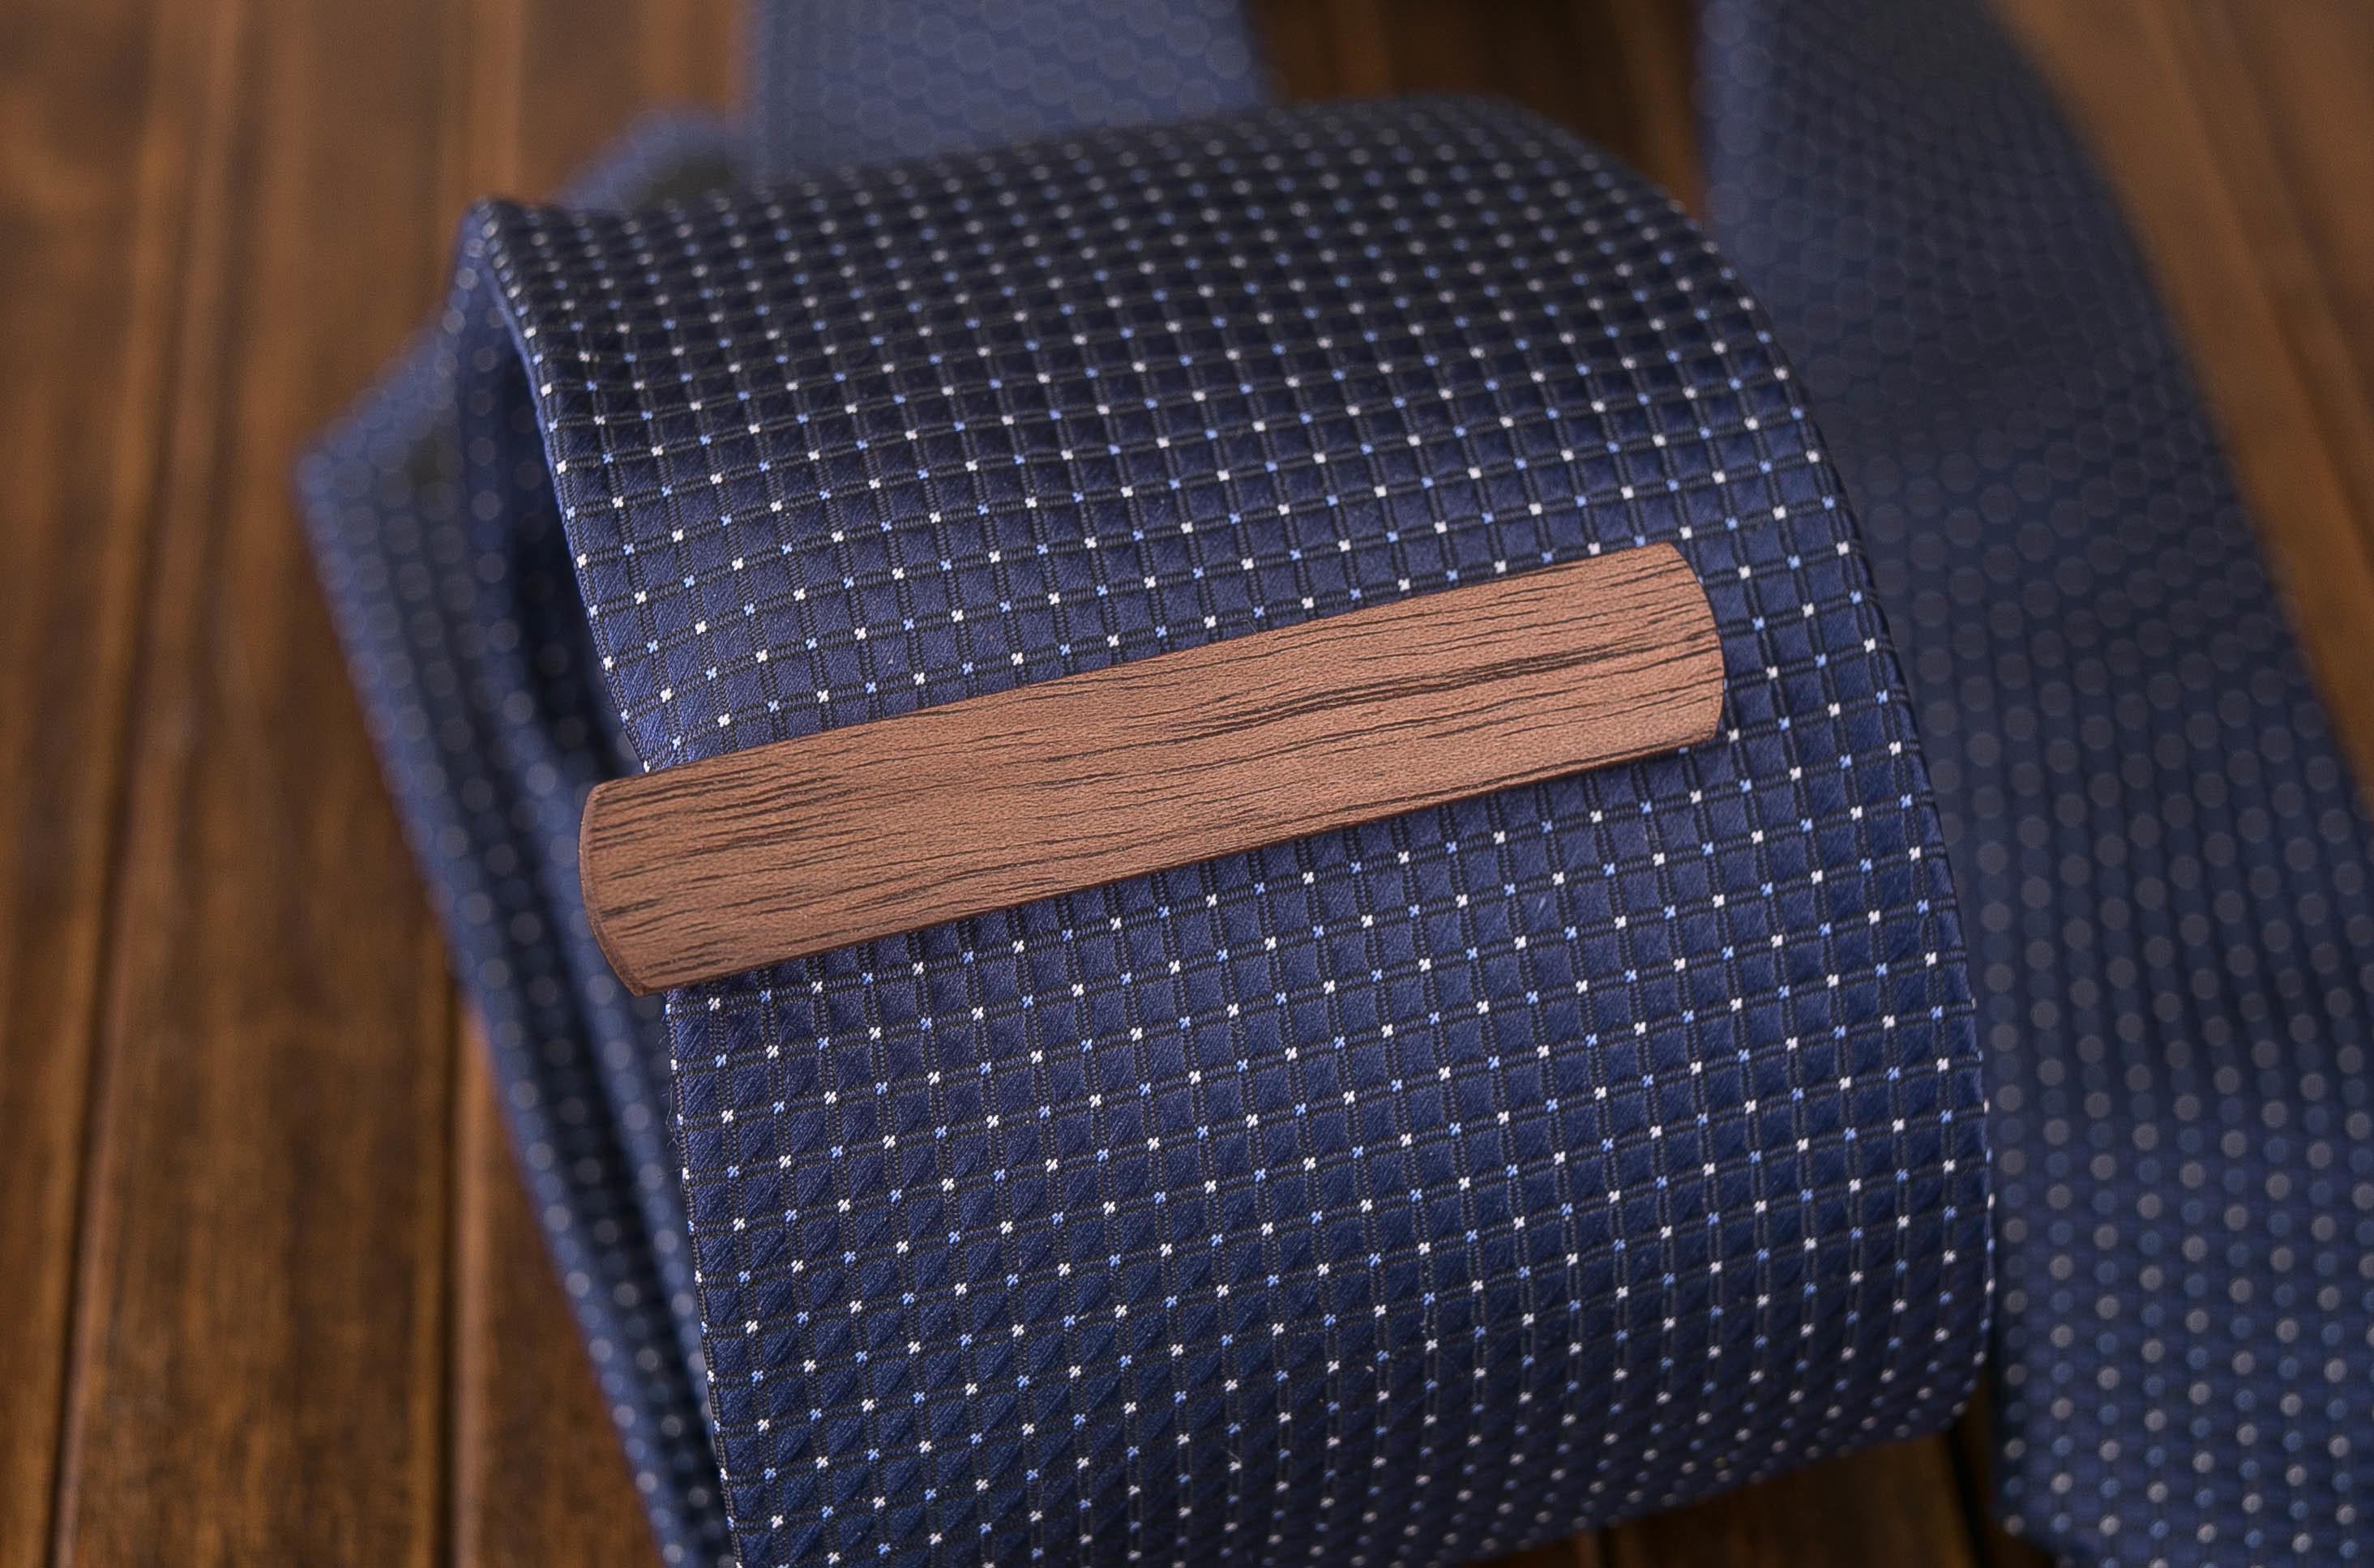 Комплект: Скругленные запонки из дерева и Деревянный зажим для галстука. Массив ореха. Гравировка инициалов. Упаковка в комплекте